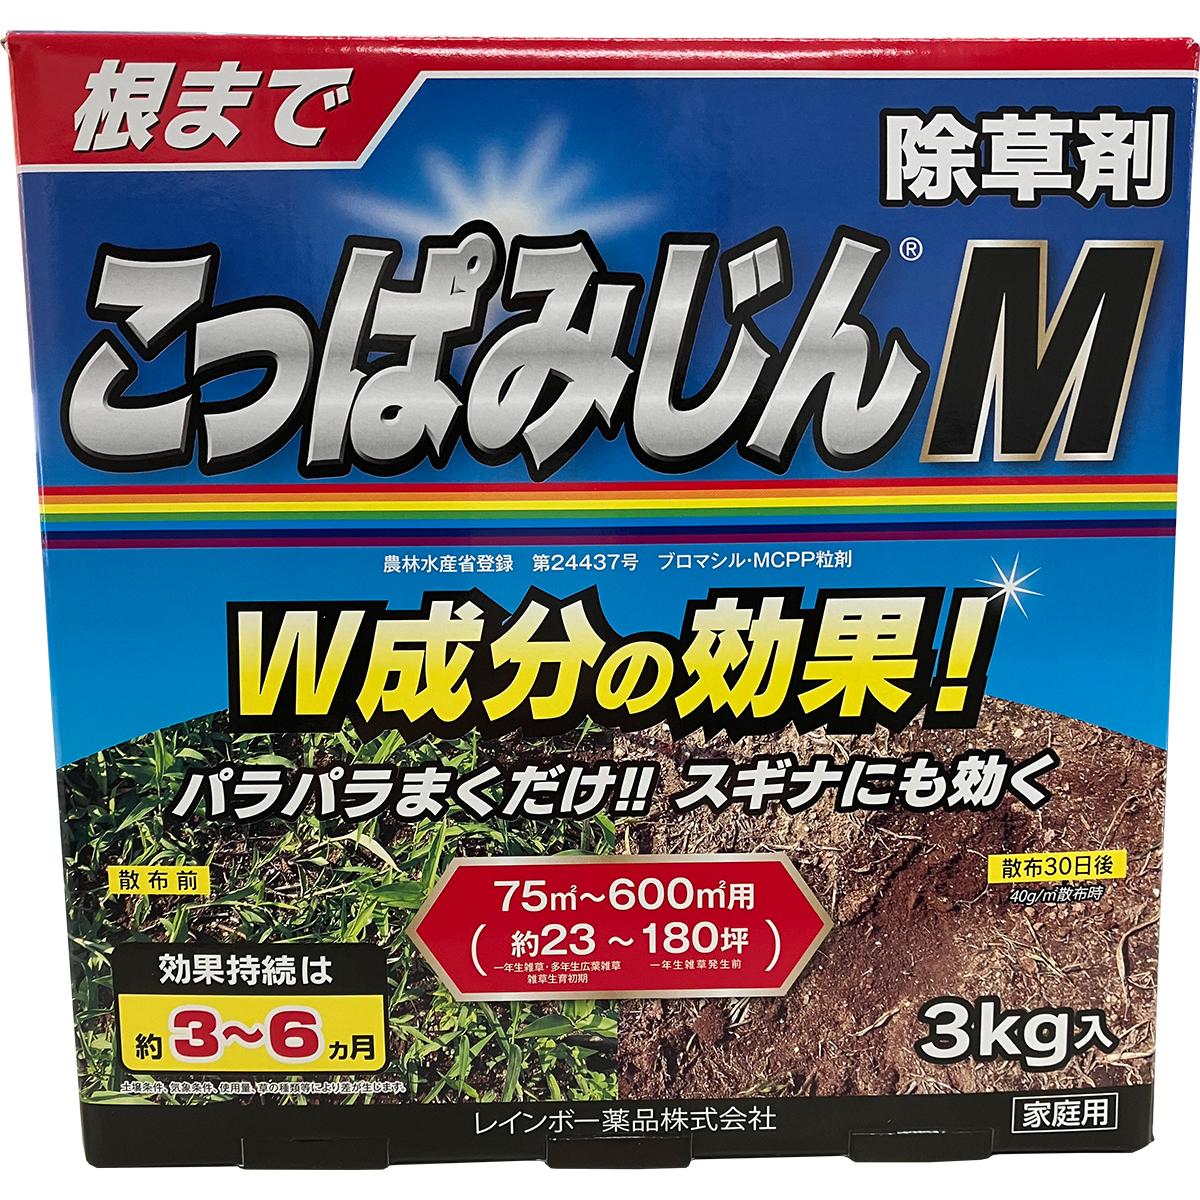 レインボー薬品 除草剤 こっぱみじんW 3kg×6箱(ケース販売) ポイント10倍